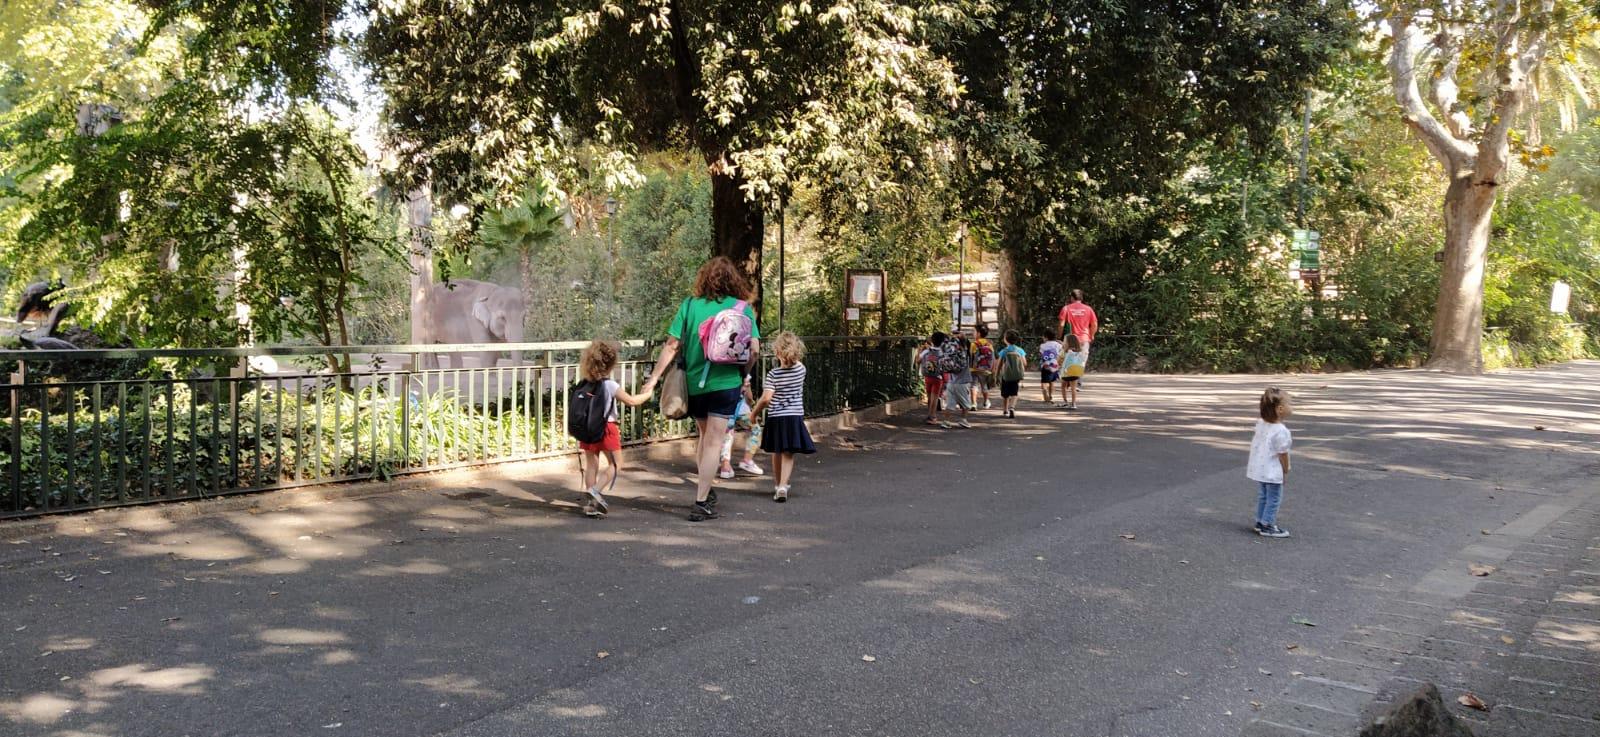 Scuola infanzia in visita al Bioparco di Roma